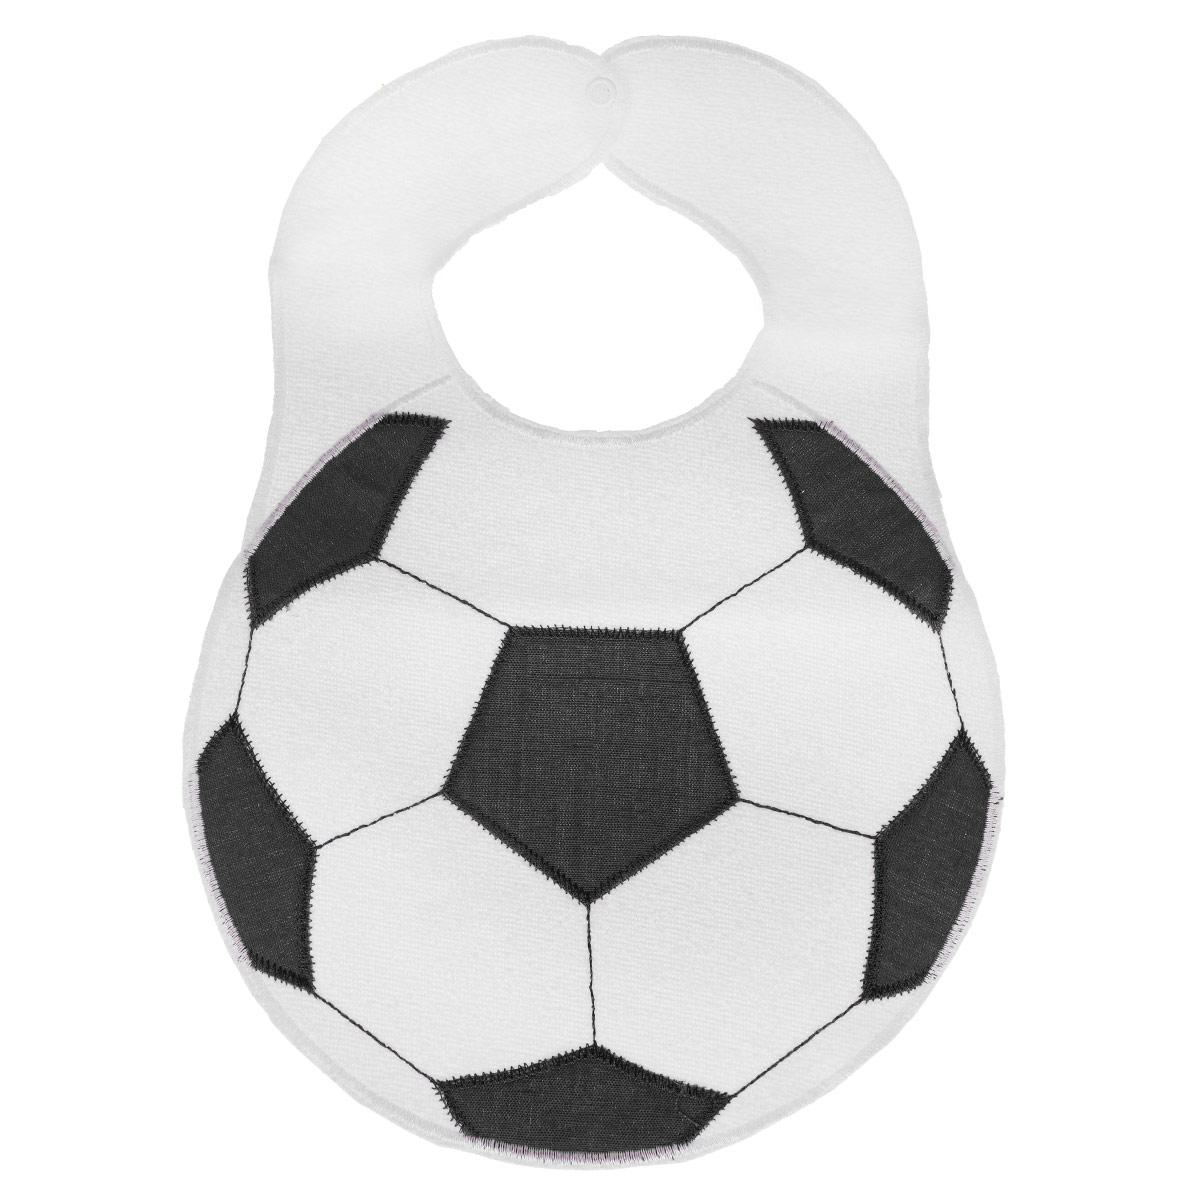 Нагрудник Sevi Baby Футбольный мяч, цвет: белый, черный, 23 см х 32 см573 sevi babyНагрудник Sevi Baby в виде футбольного мяча прекрасно подойдет для кормления ребенка. Нагрудник выполнен из натуральной экологически чистой махровой ткани с вставками из полиэстера. Махра отлично впитывает влагу и отличается гипоаллергенными свойствами. Обратная сторона нагрудника изготовлена из полиуретана, она не промокает, поэтому одежда малыша останется сухой, даже если он что-то пролил на себя. Нагрудник оснащен застежкой-кнопкой. Sevi Baby - это одежда для самых маленьких, созданная с пониманием и заботой о комфорте и здоровье ребенка!